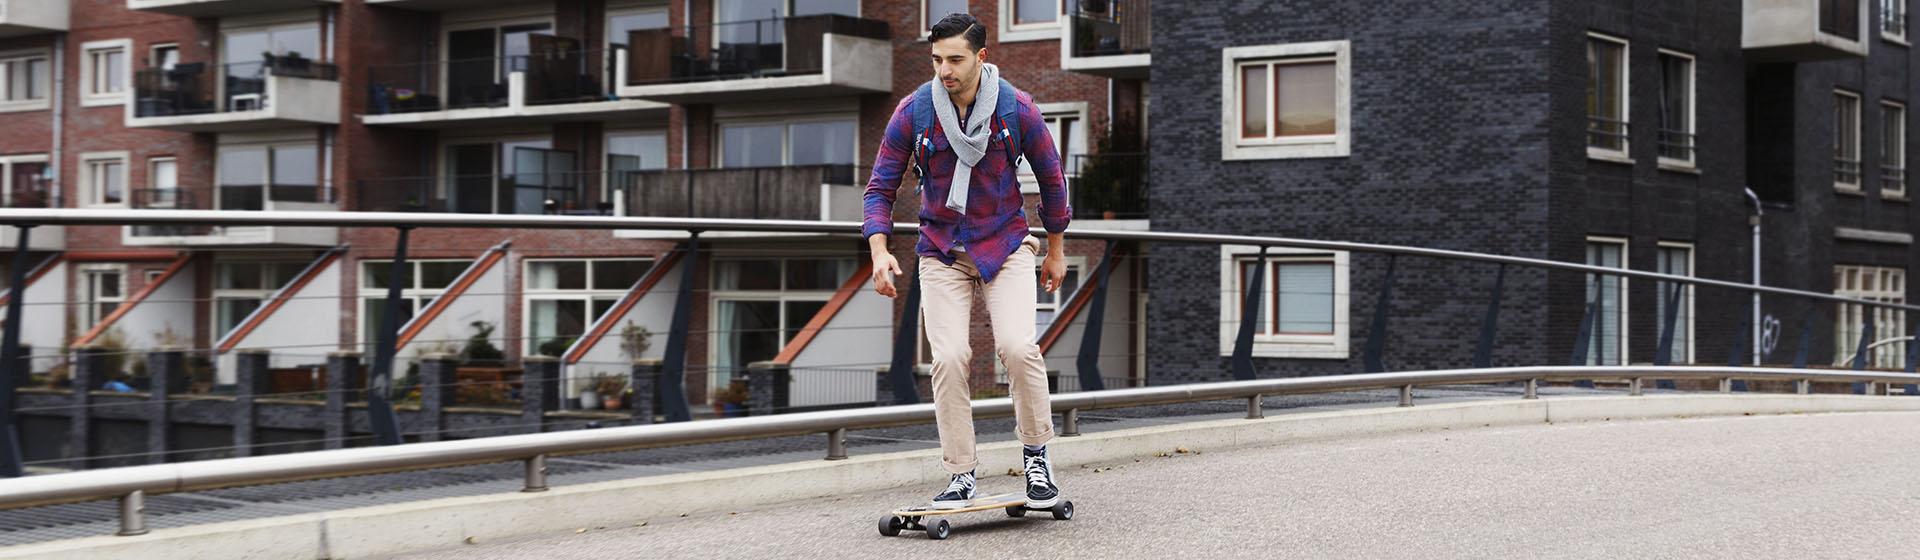 Op pad met je hoverboard? Goede kans dat je onverzekerd bent